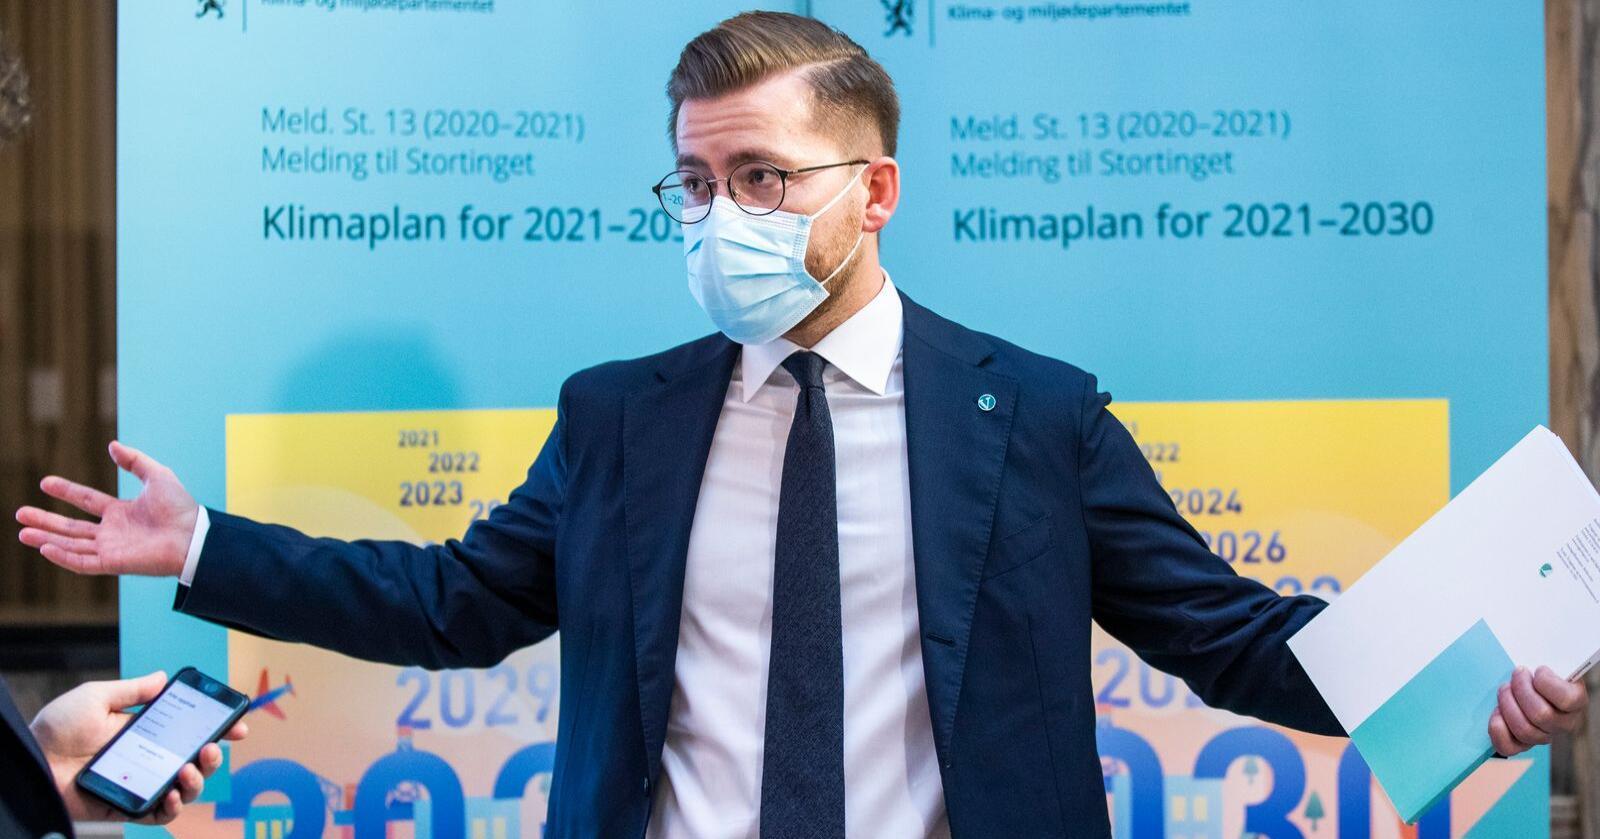 """Klima- og miljøminister Sveinung Rotevatn har lagt fram stortingsmeldingen """"Klimaplan for 2021-2030"""". Den er godt nytt for alle som er opptatt av jordvern, myr, beitebruk og bærekraftig forvaltning av skogen. Foto: Berit Roald / NTB"""